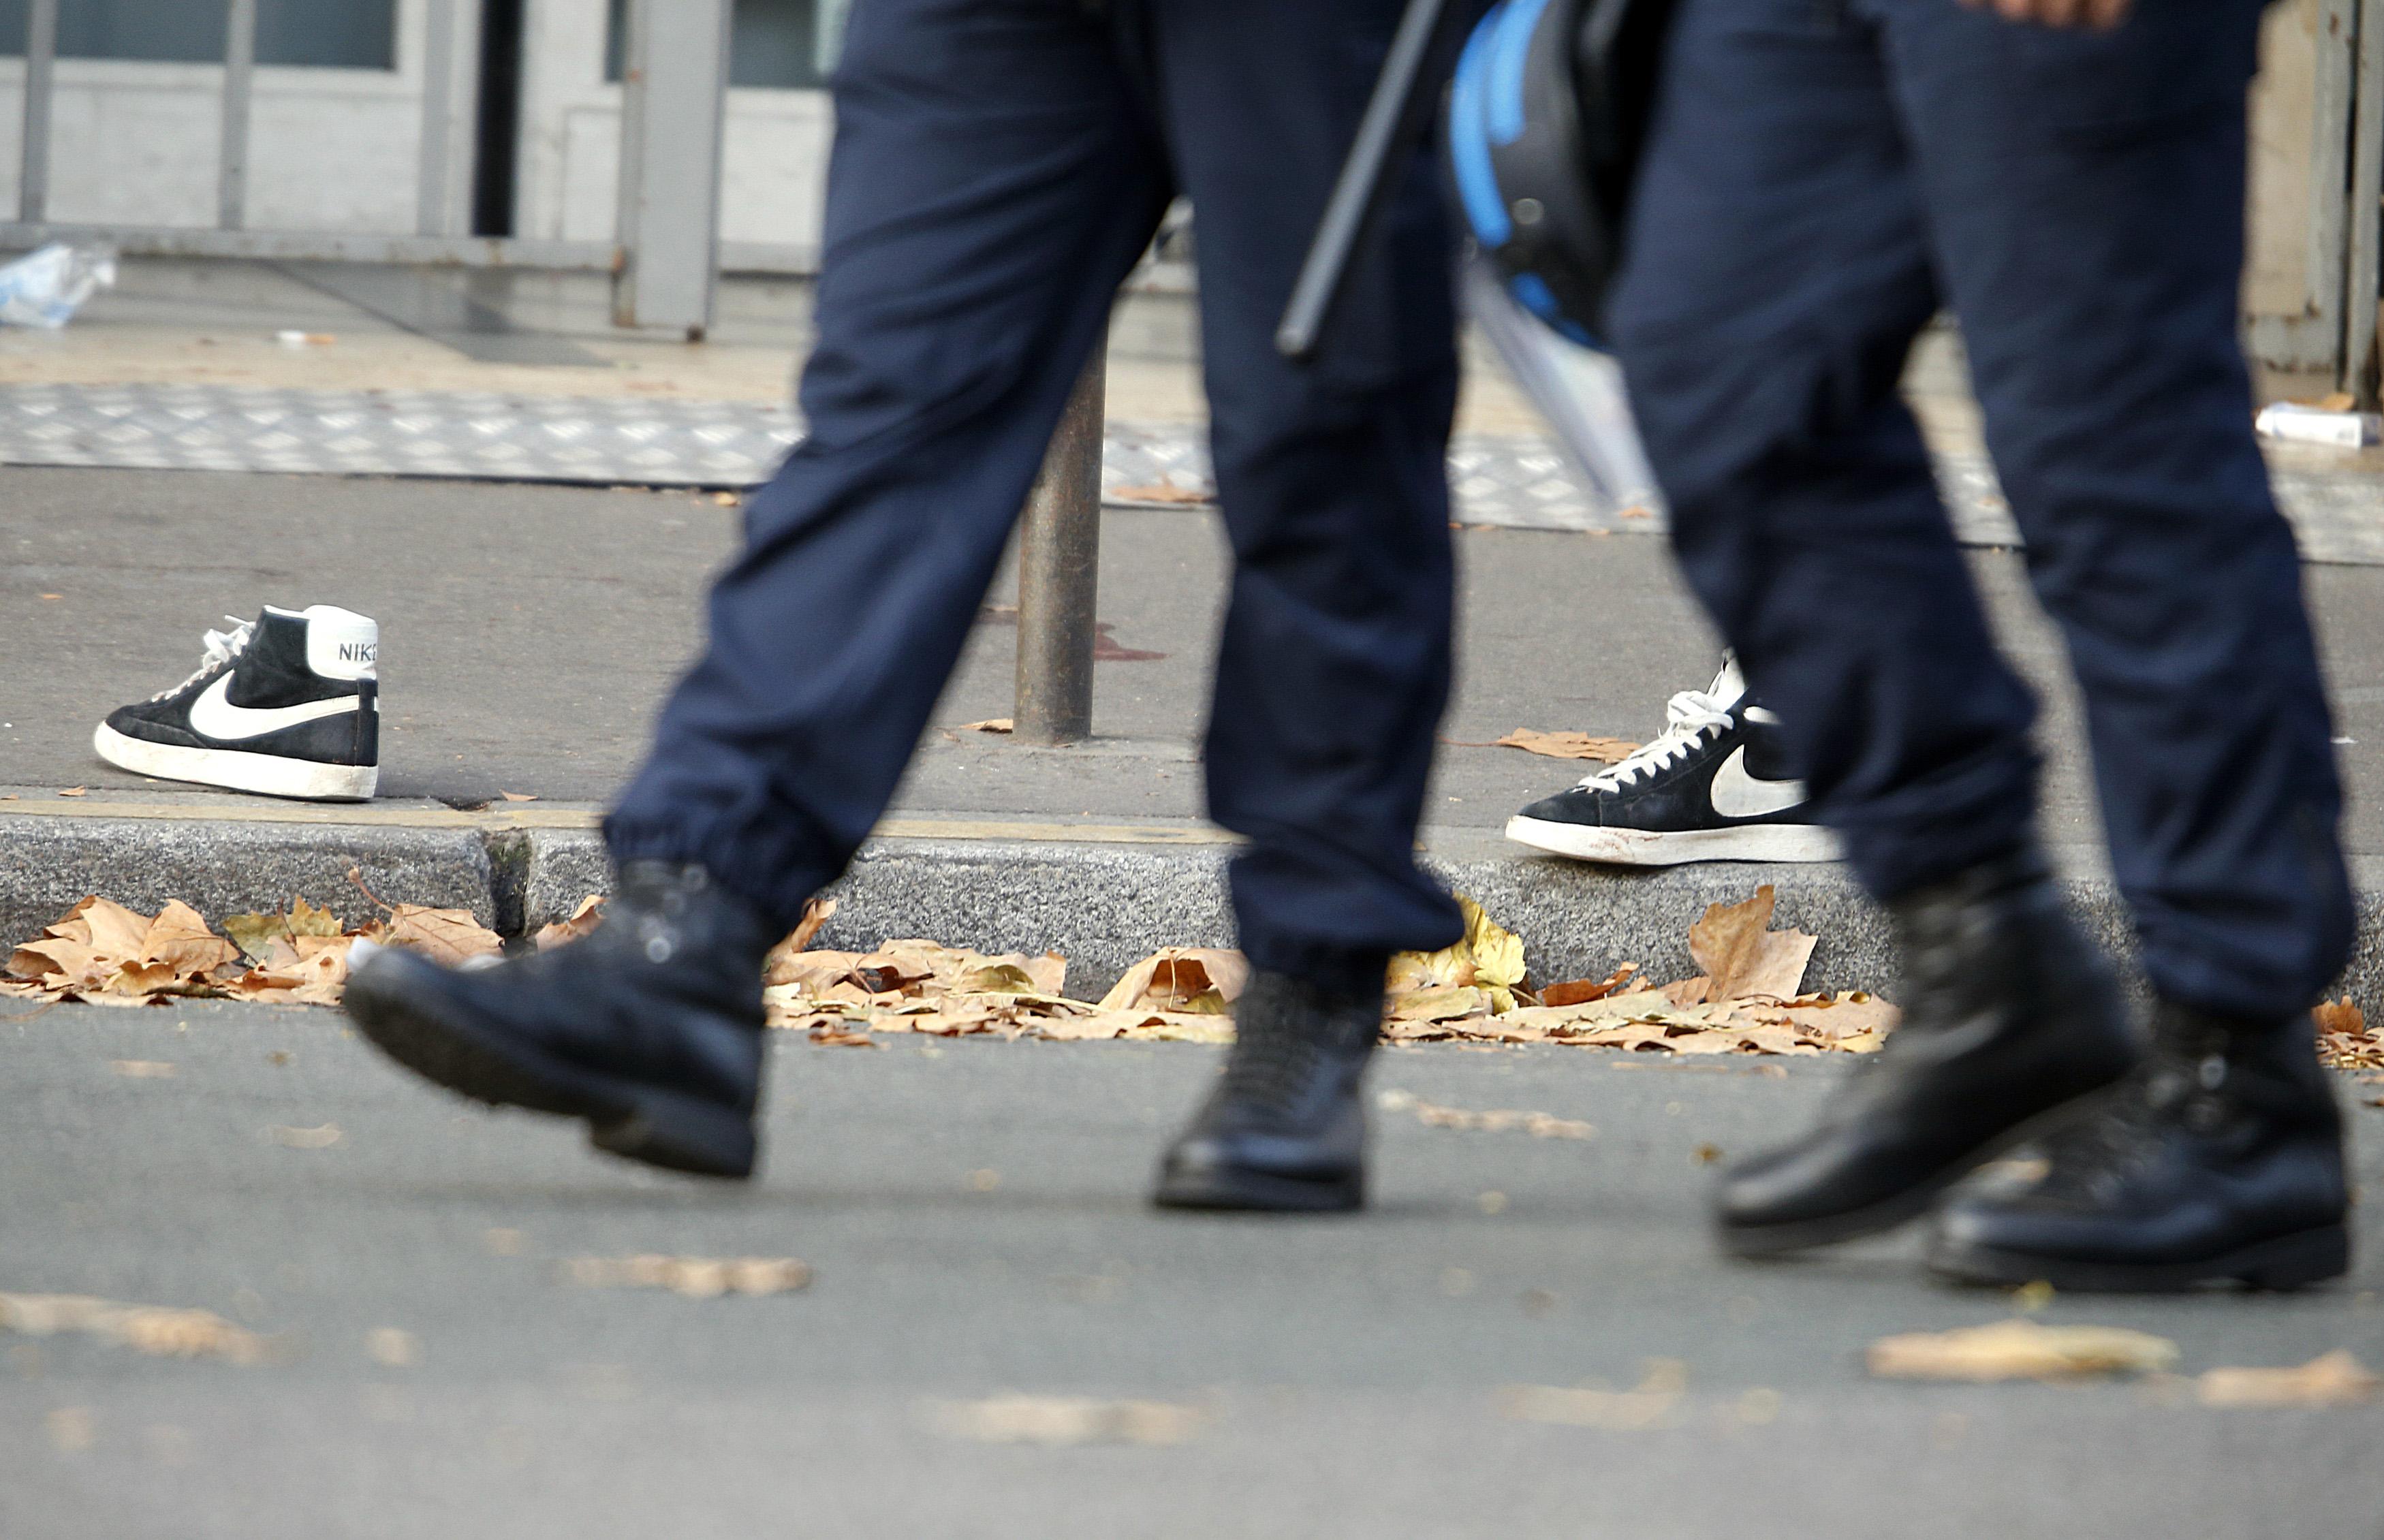 La POlicía pasa al lado de un par de zapatillas abandonadas en una de las zonas de los ataques de París.      REUTERS/Charles Platiau - RTS6Y5C